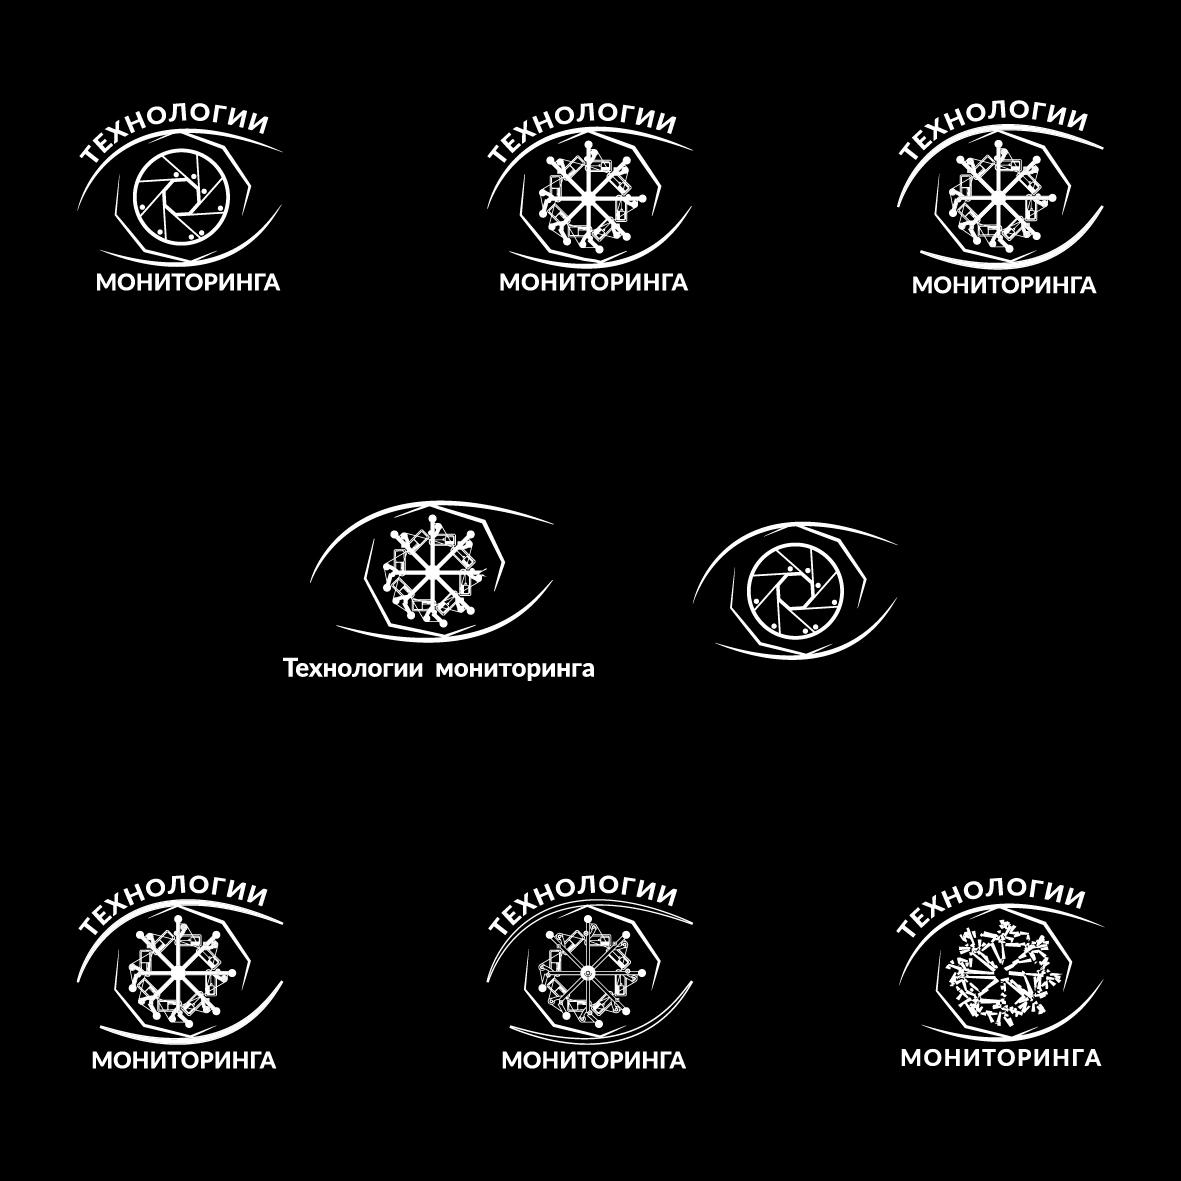 Разработка логотипа фото f_8595976a51b96424.jpg